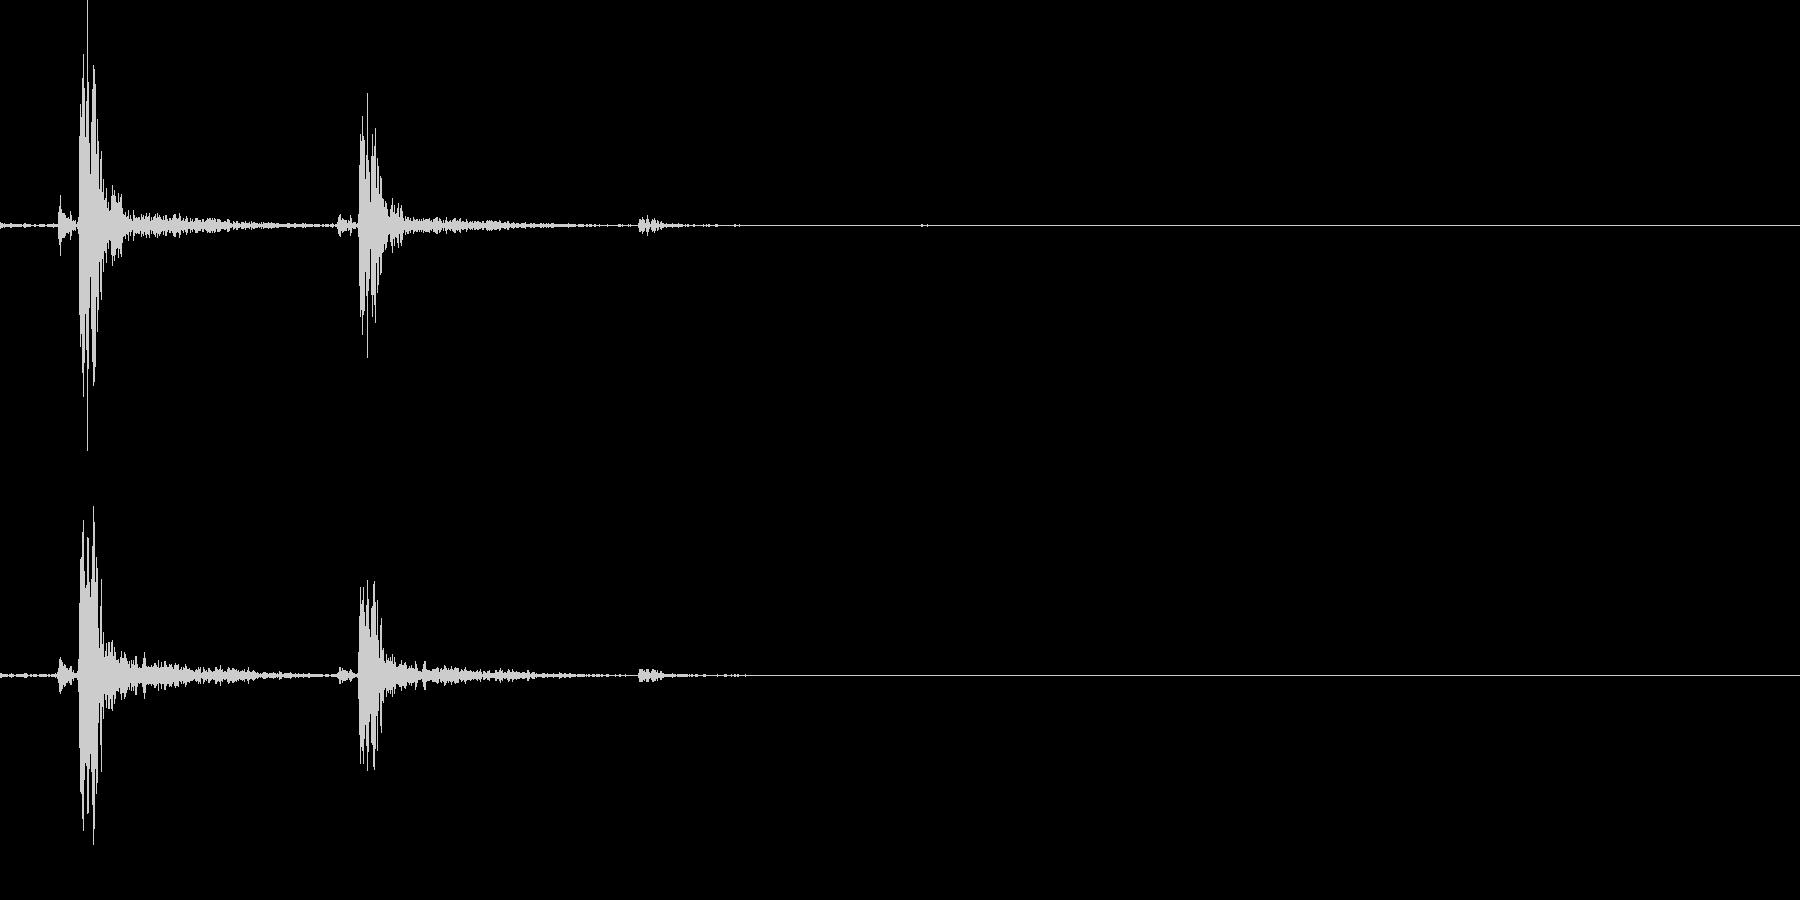 カチャリ(スマホロック解除_02)の未再生の波形